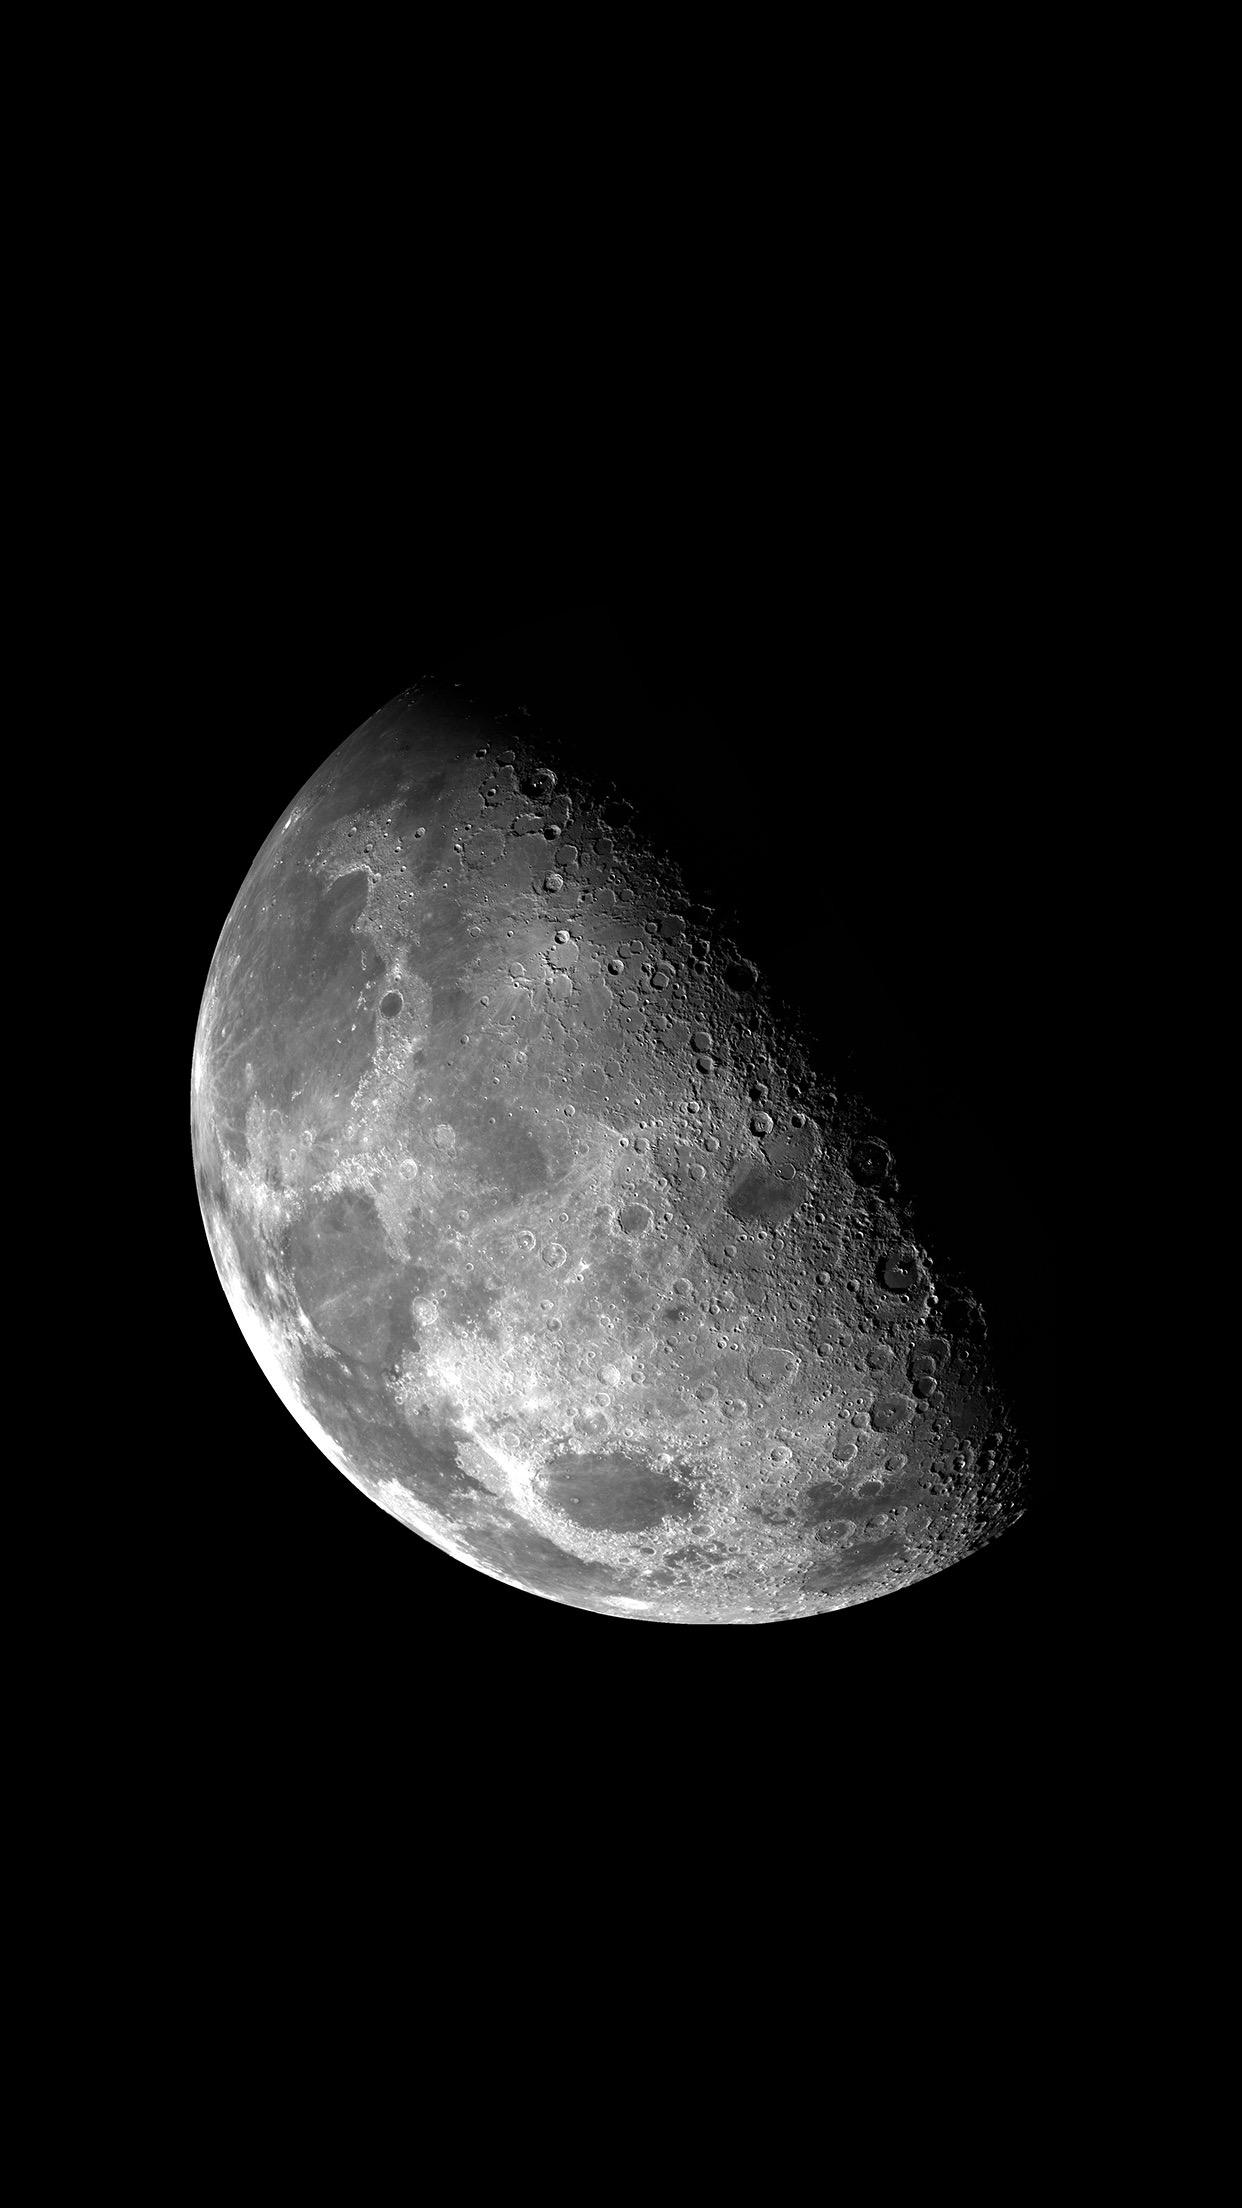 Fond d'écran : espace, verticale, Affichage du portrait, Lune 1242x2208 - LaCroix - 1183073 ...